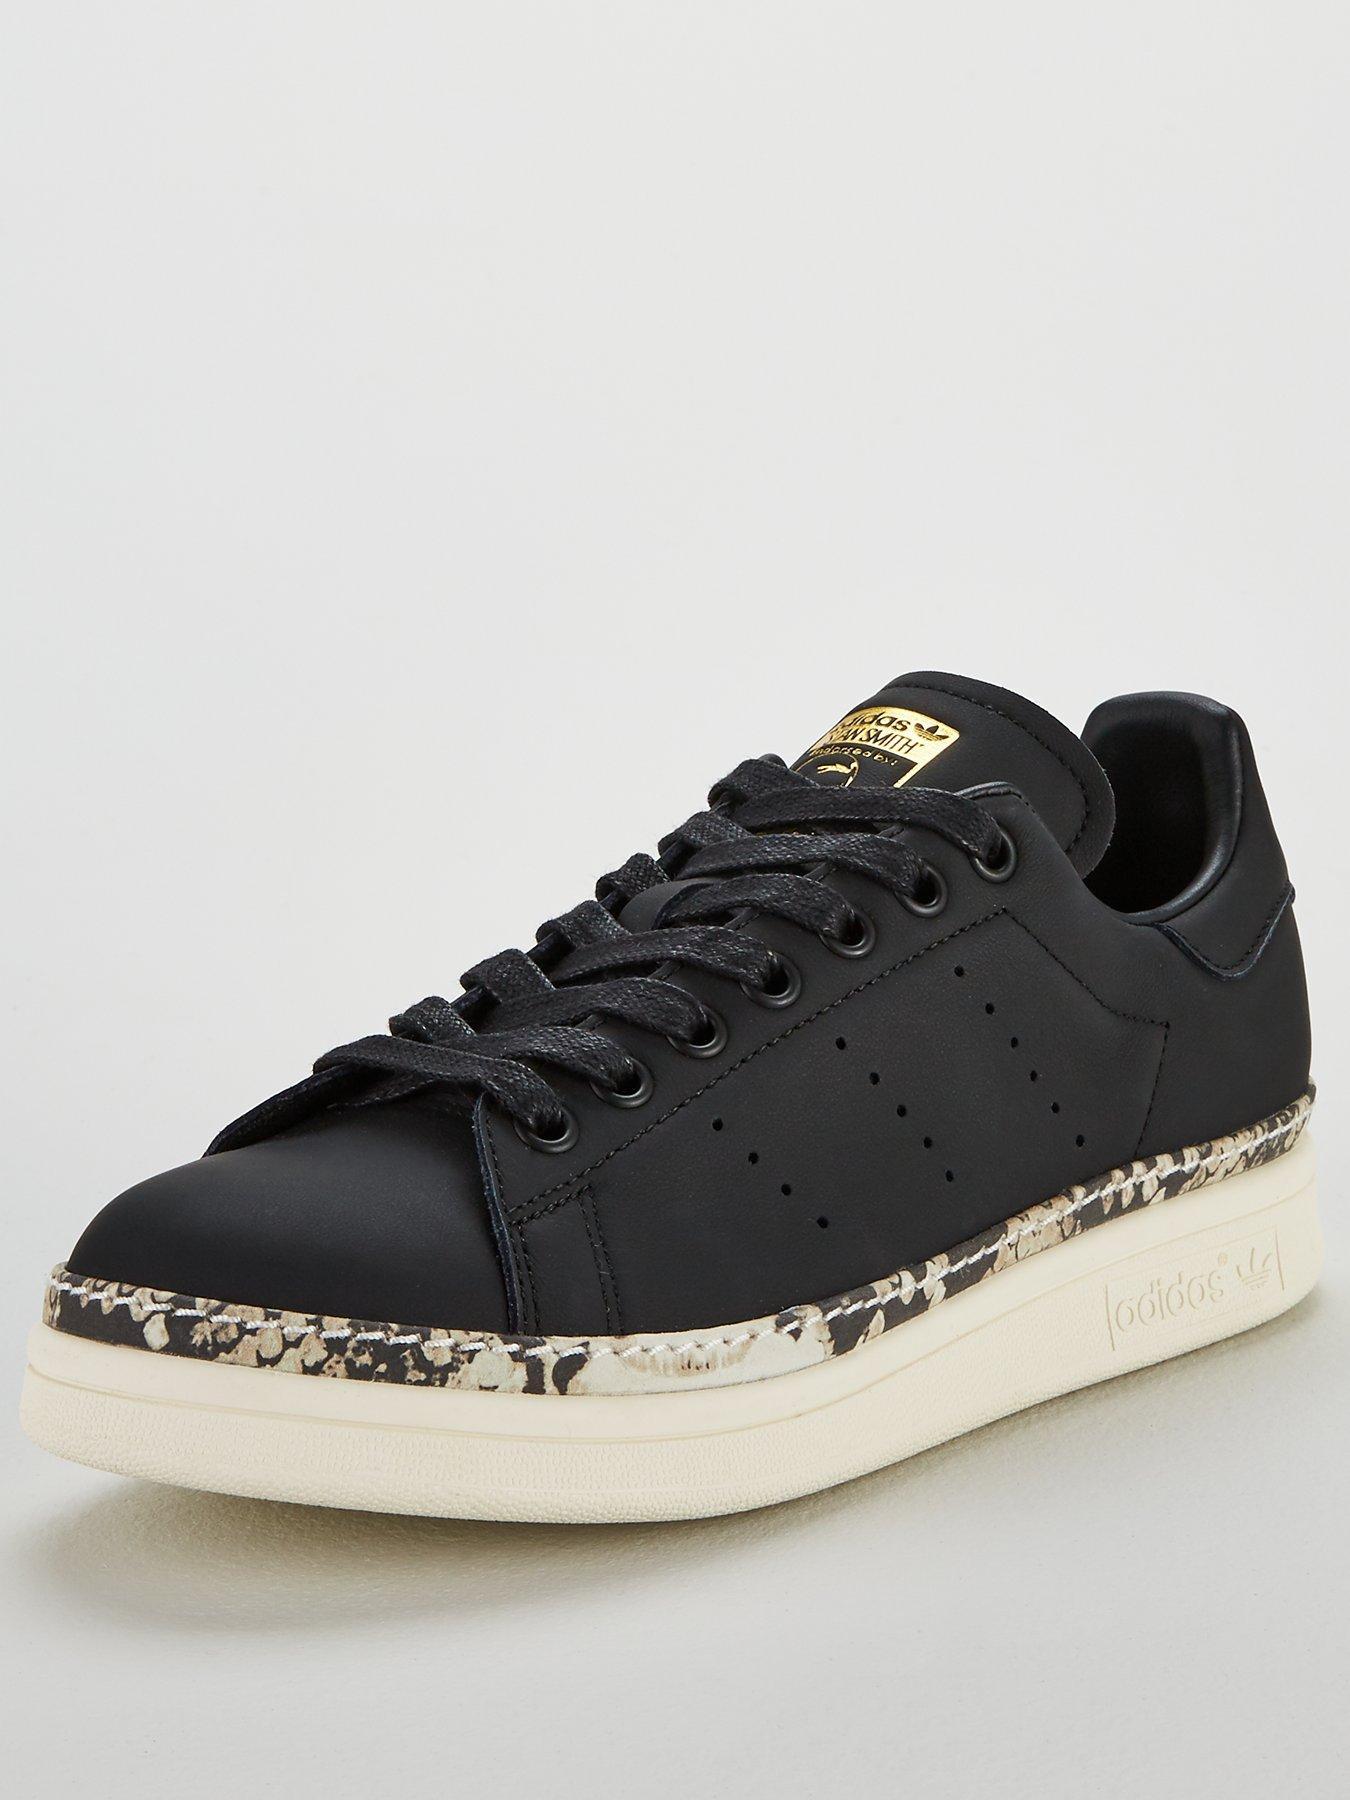 reputable site 9fa18 e0105 ... where can i buy adidas originals stan smith new bold black b9268 98d93